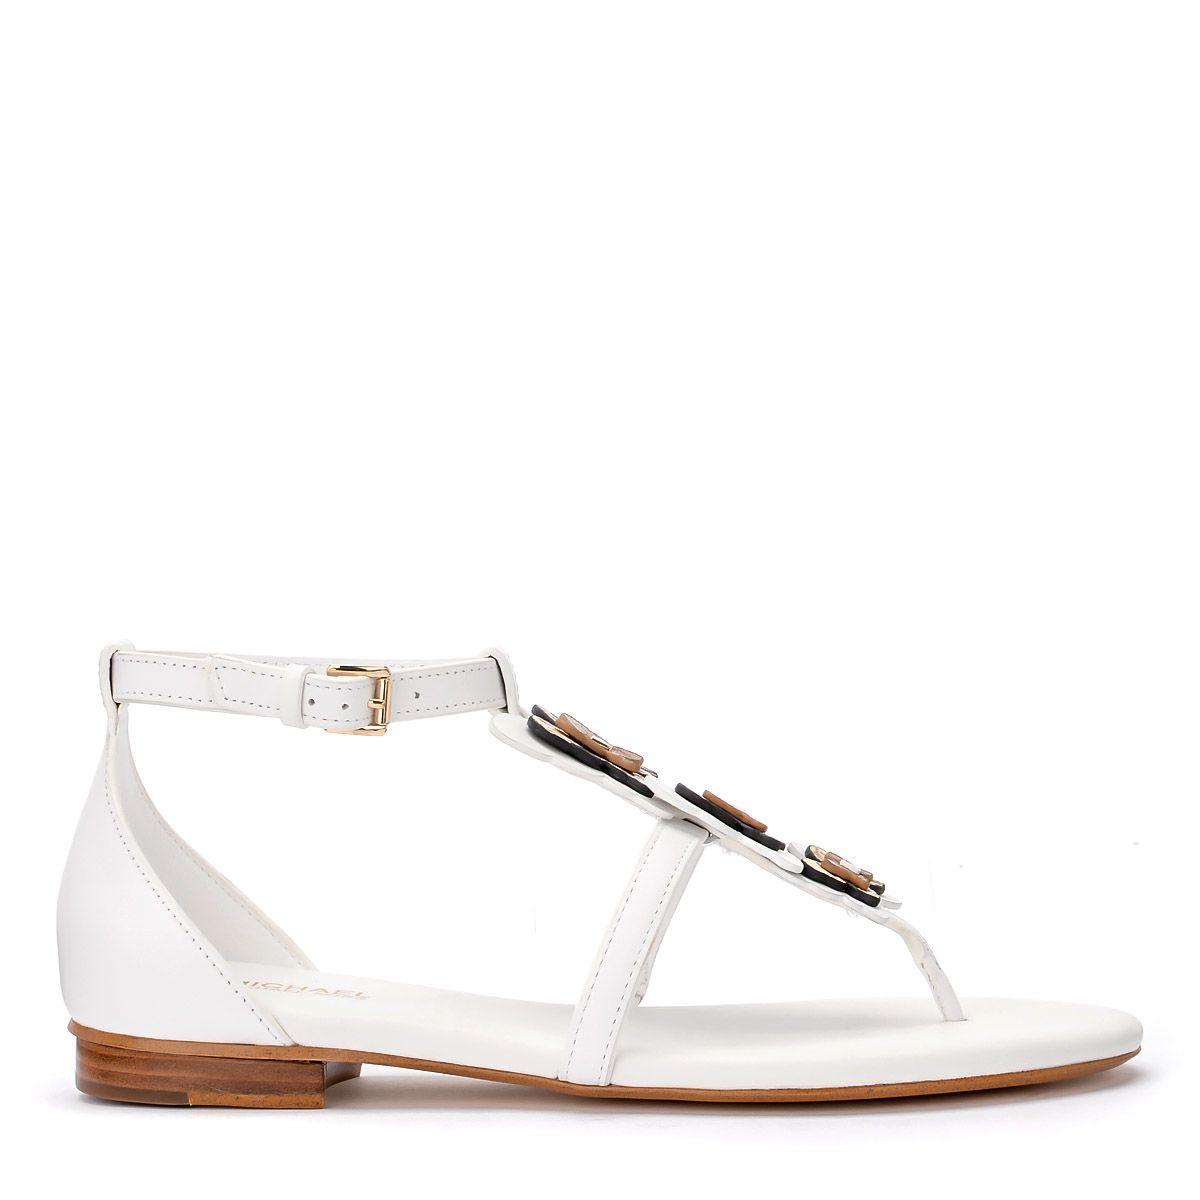 Michael Kors Felicity Thong White Nappa Sandal